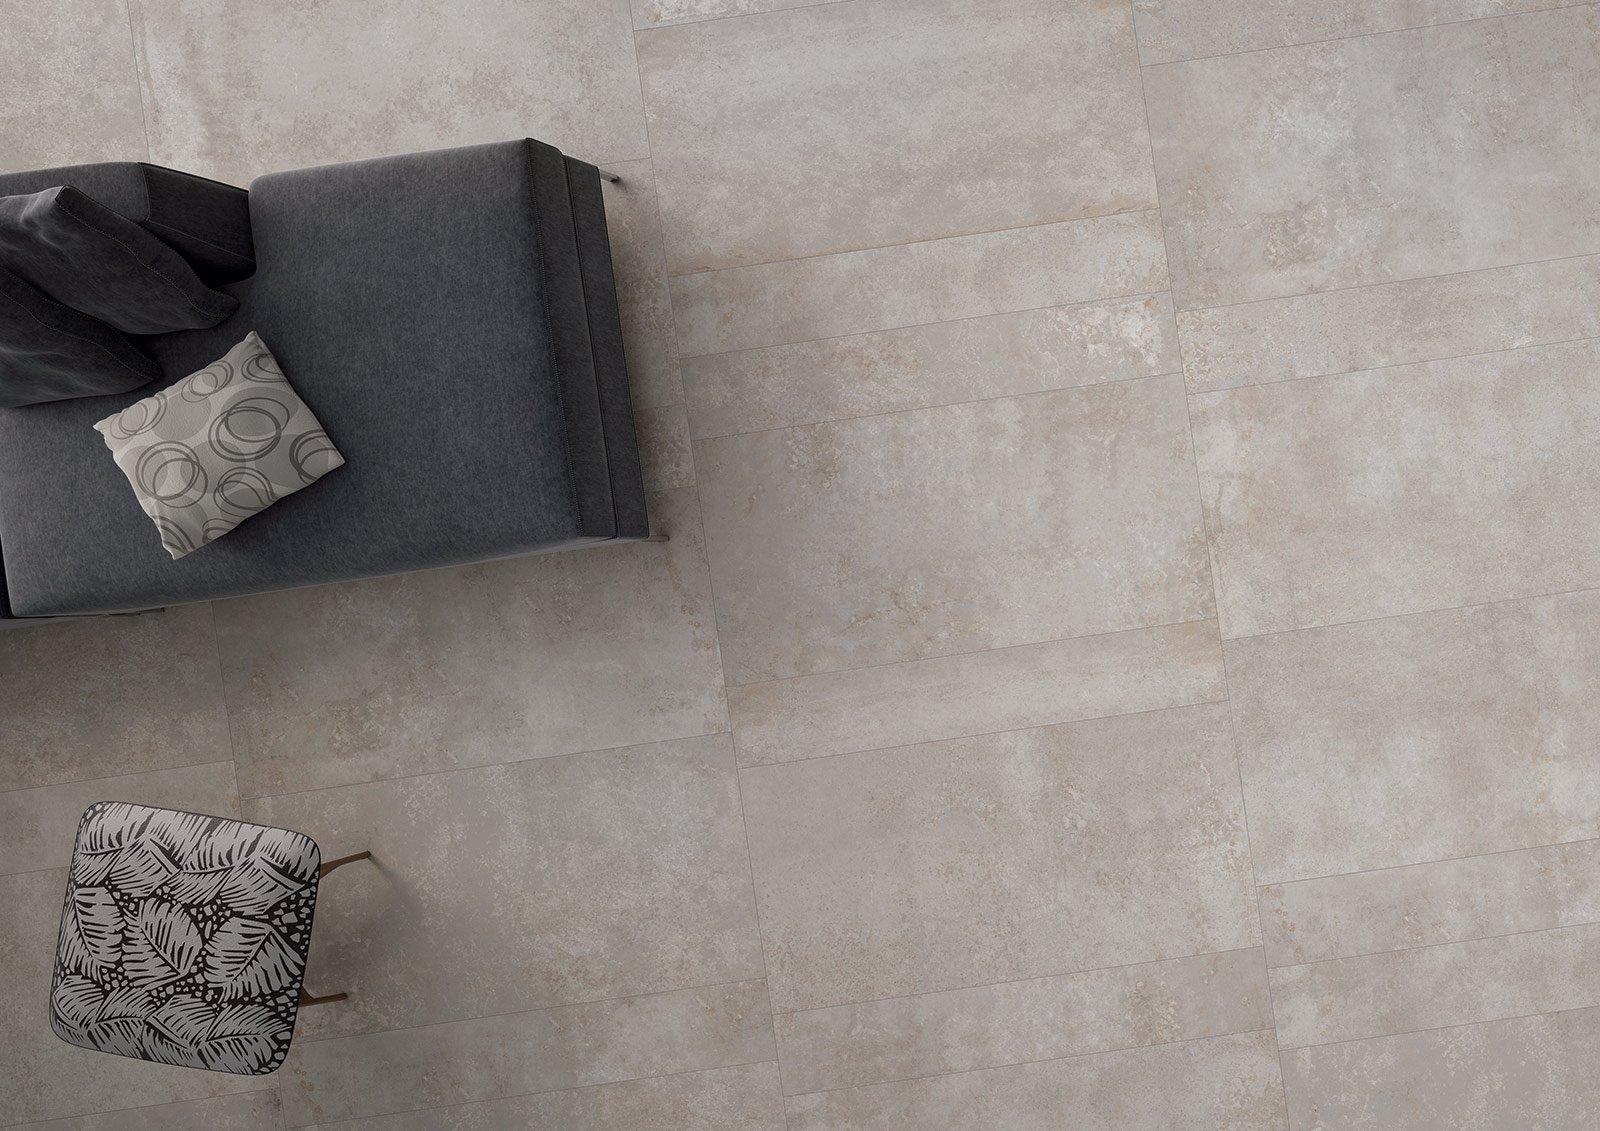 prezzi gres porcellanato 1 cm effetto cemento : ? realizzato in gres porcellanato rettificato il pavimento Edge di ...